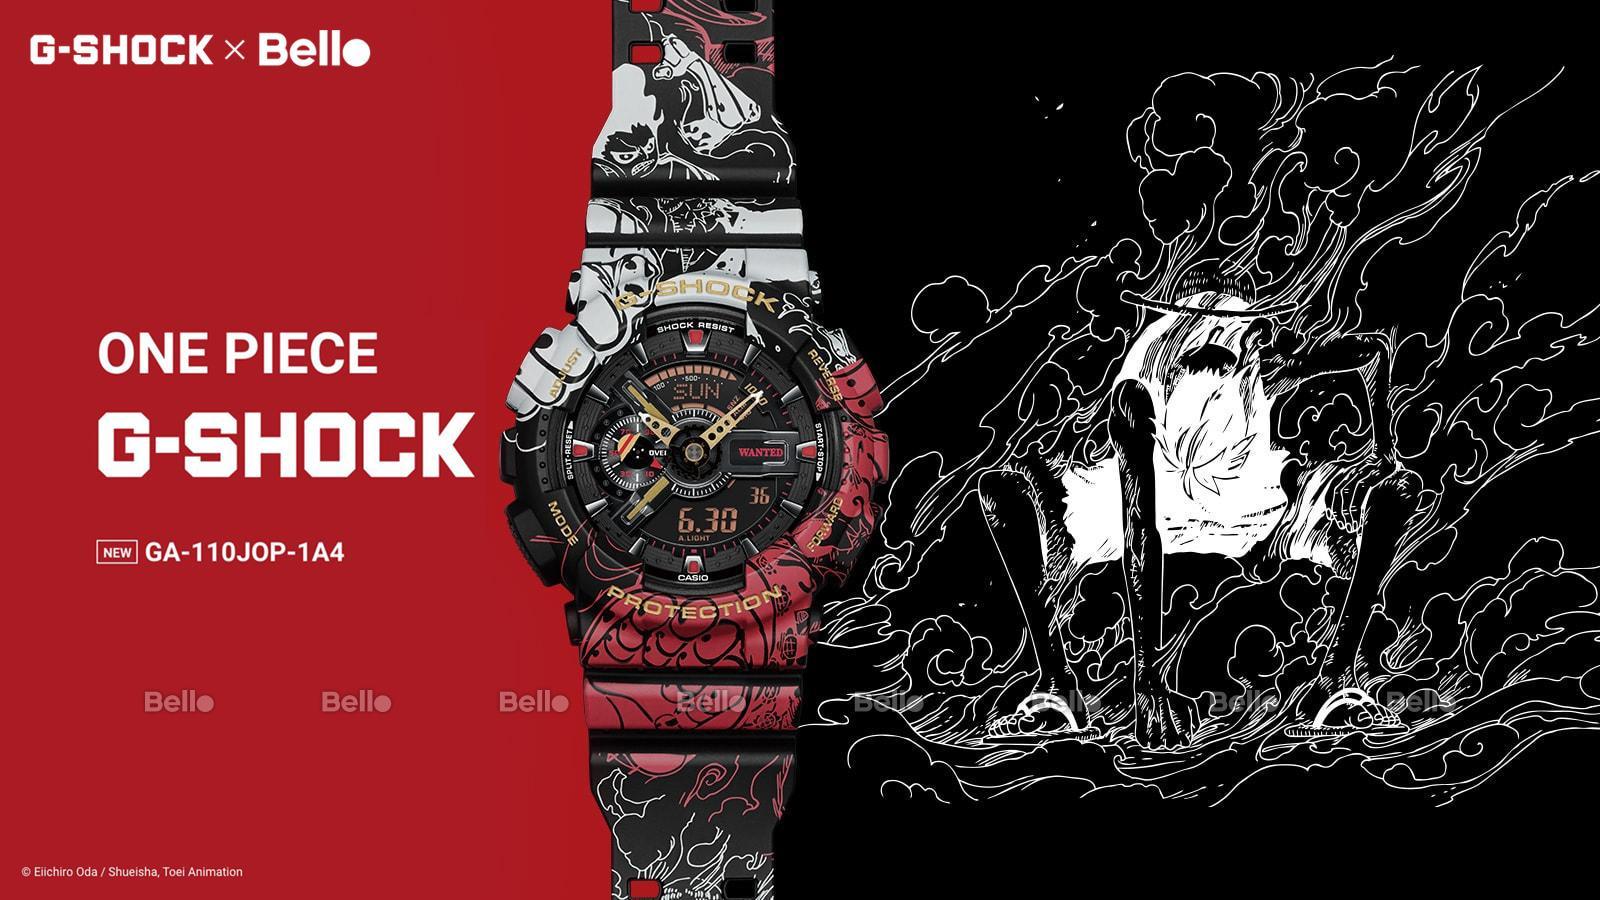 One Piece x G-Shock GA-110JOP-1A4 Phiên bản hợp tác siêu giới hạn